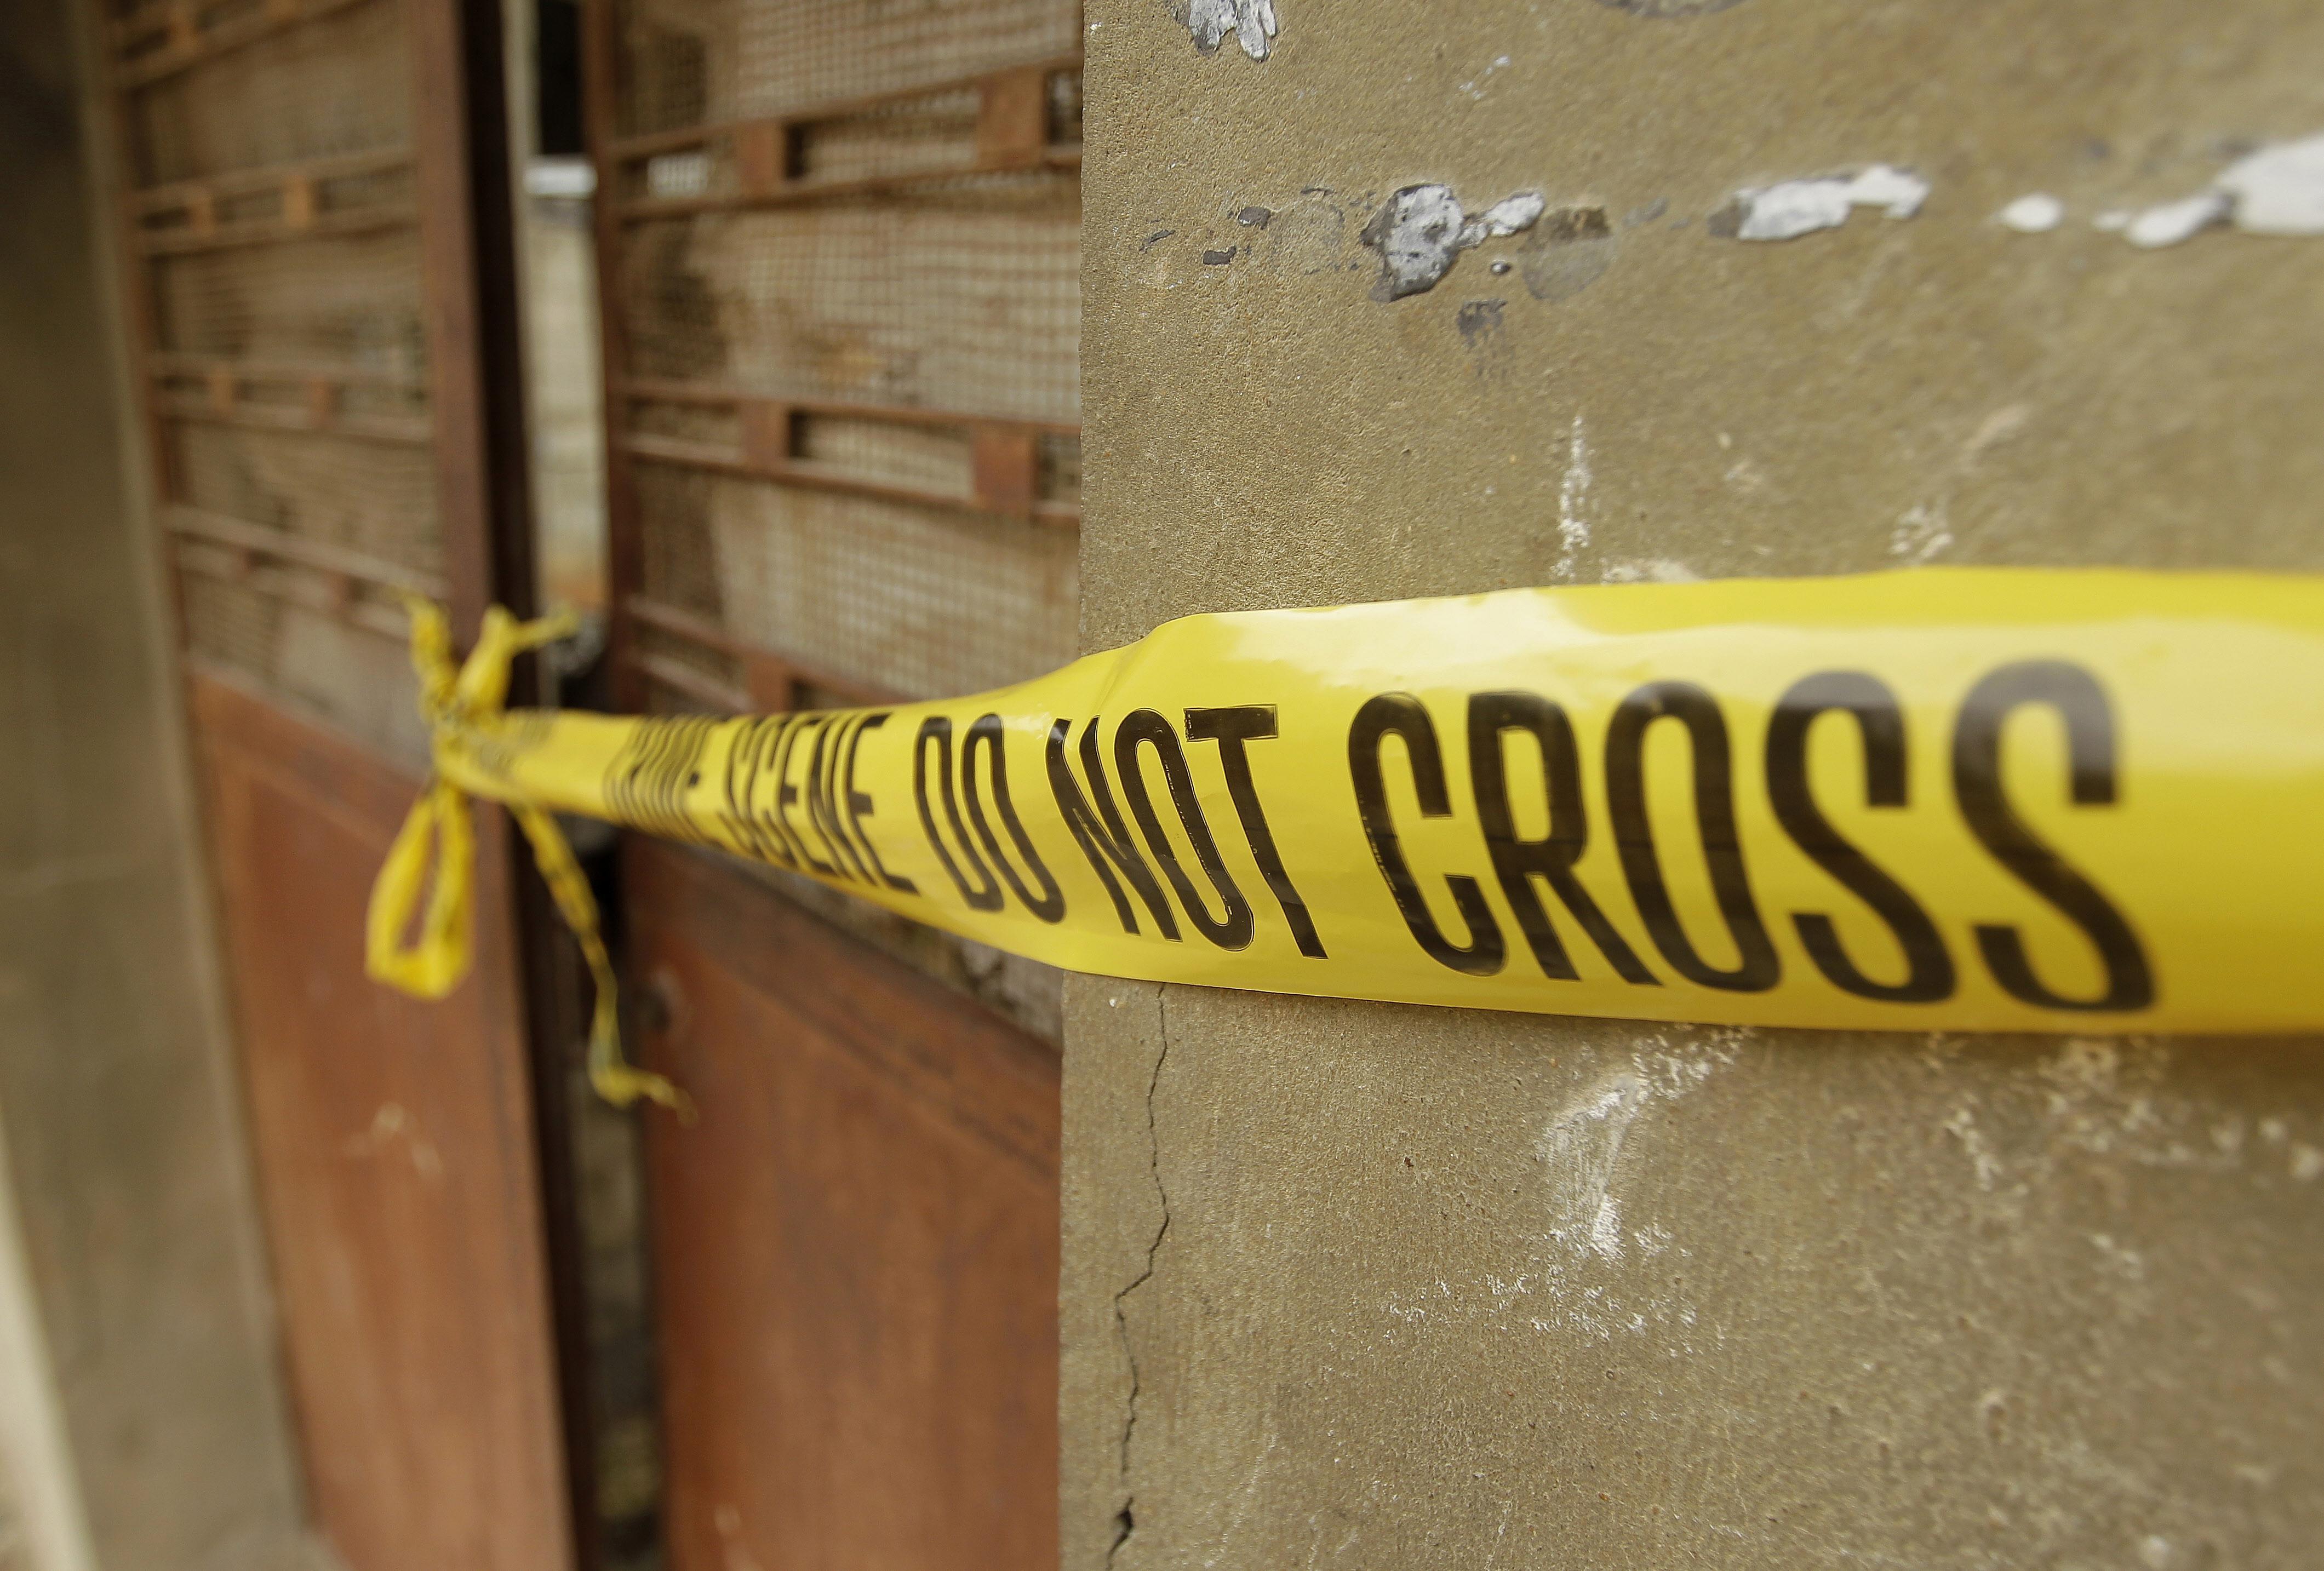 Police tape cordons off the crime scene